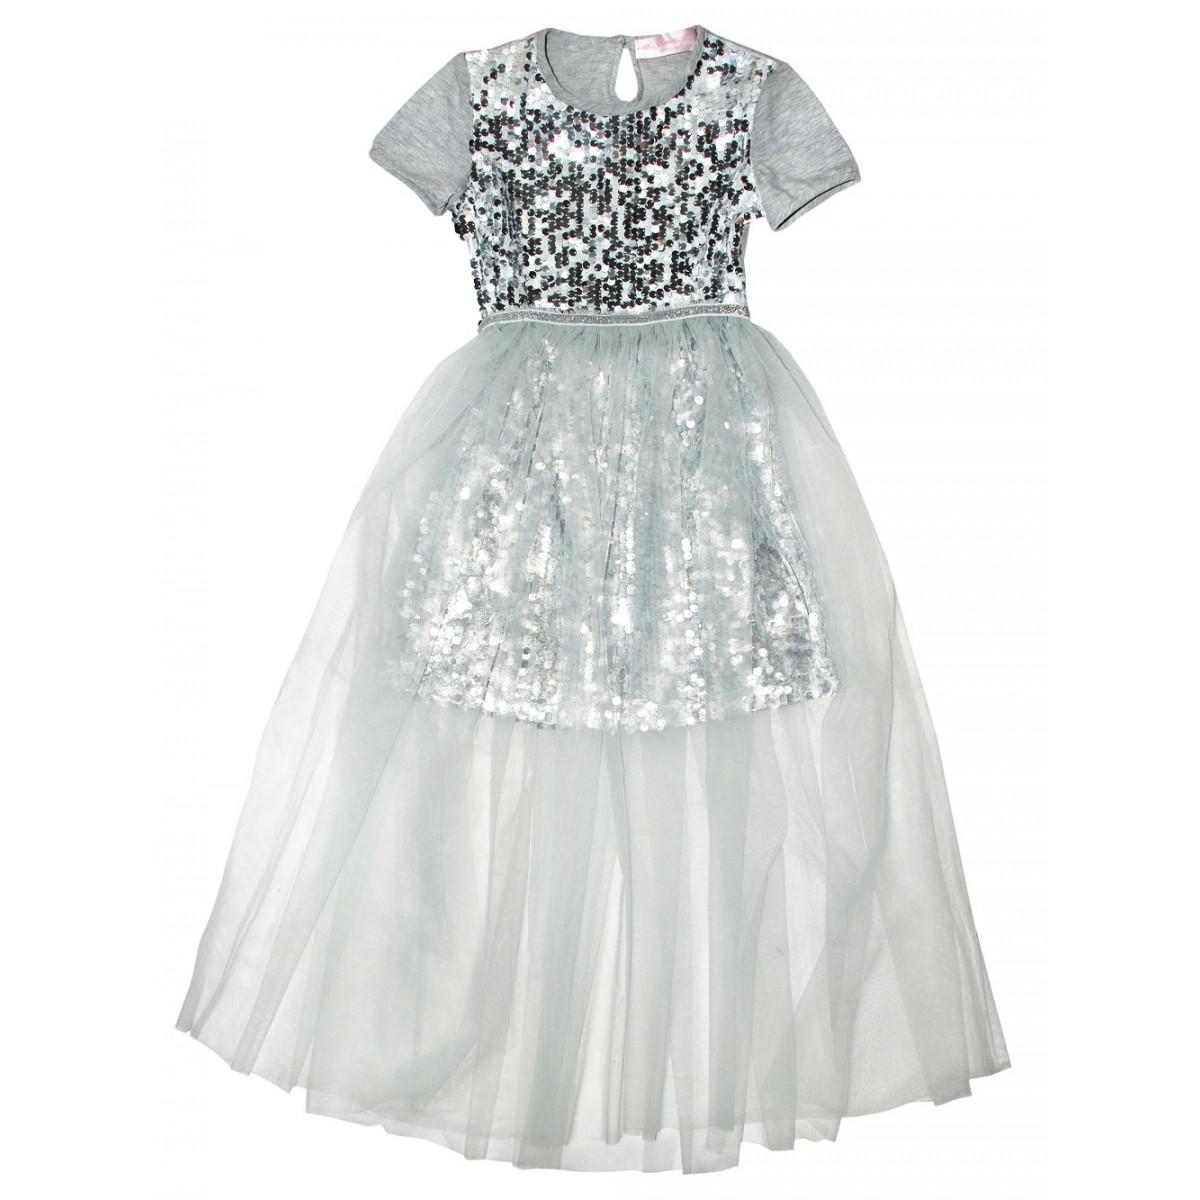 Комплект для девочки (Платье с пайетками + юбка-сетка)